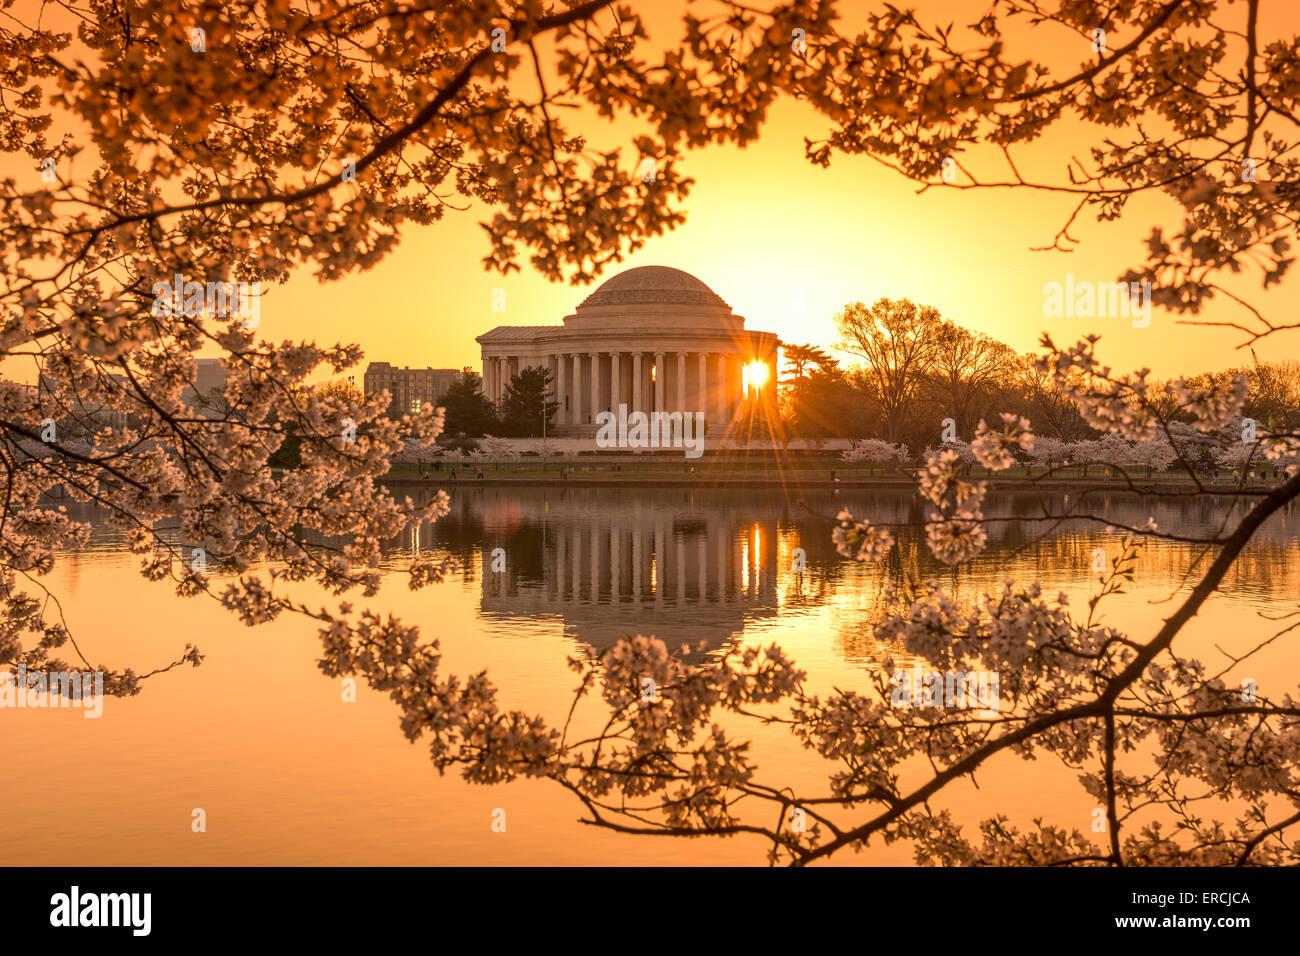 Washington, DC, en el Tidal Basin y el Jefferson Memorial durante la primavera. Imagen De Stock